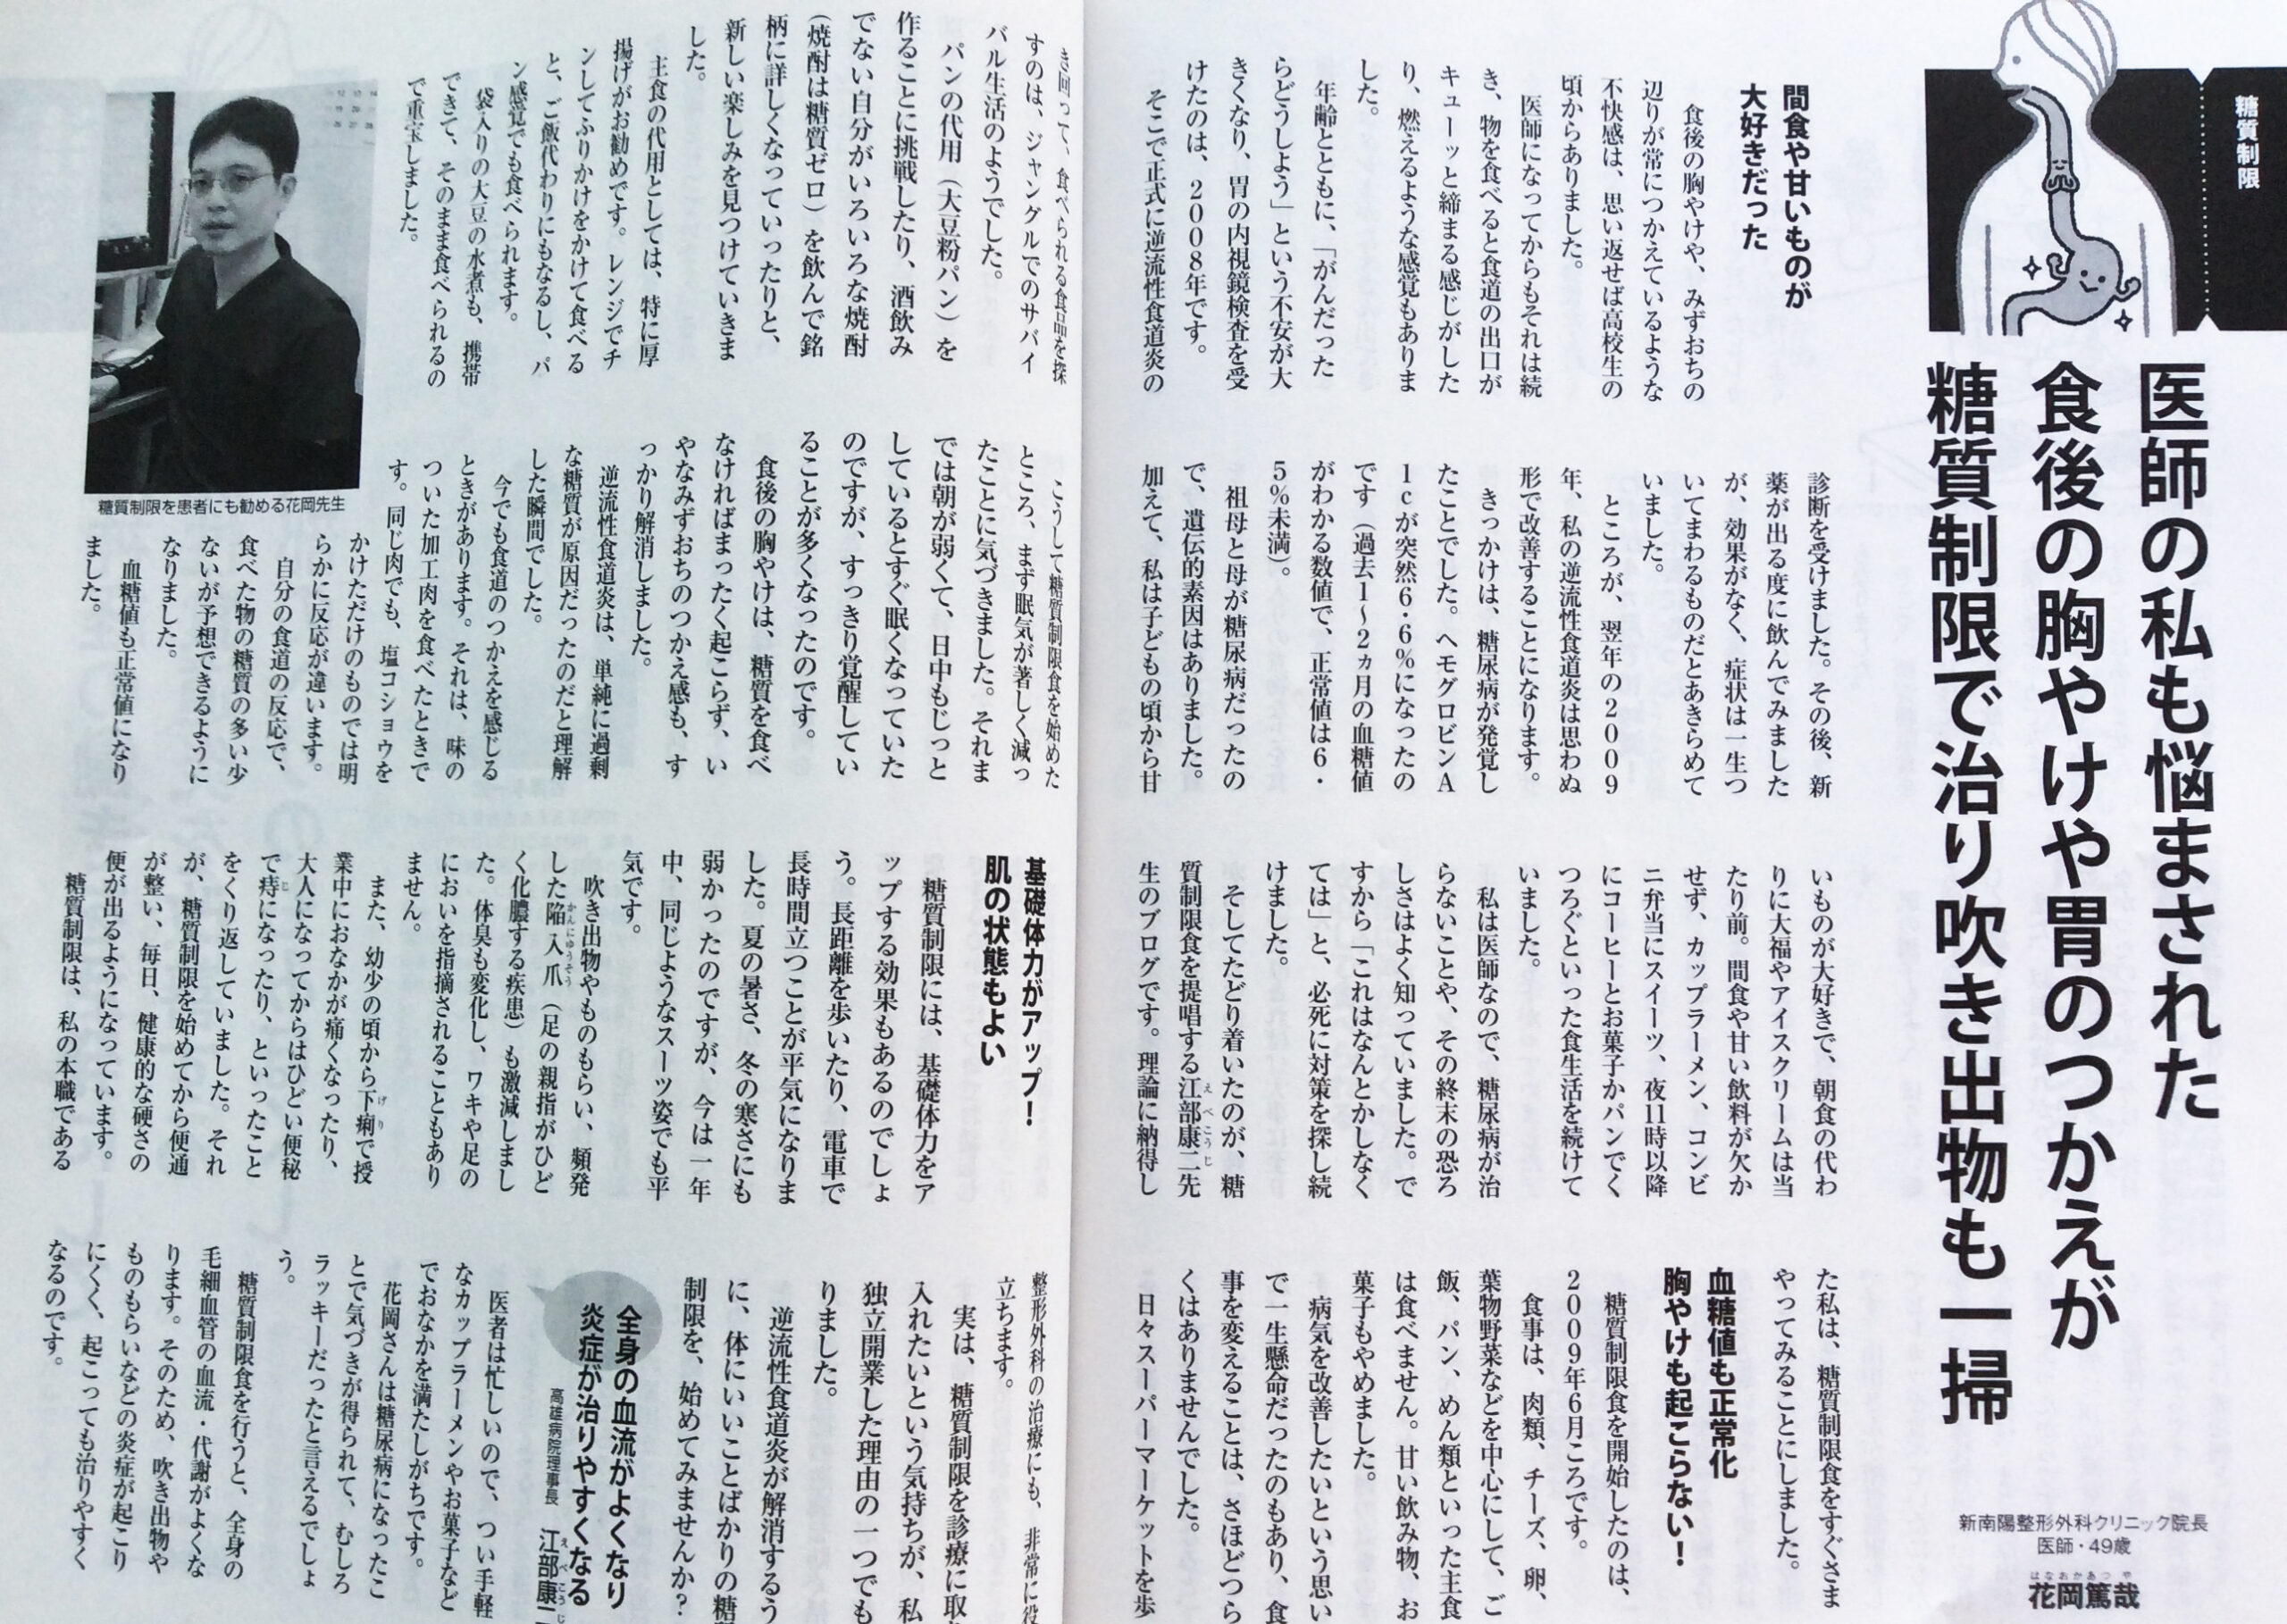 健康雑誌『安心』より花岡先生の記事